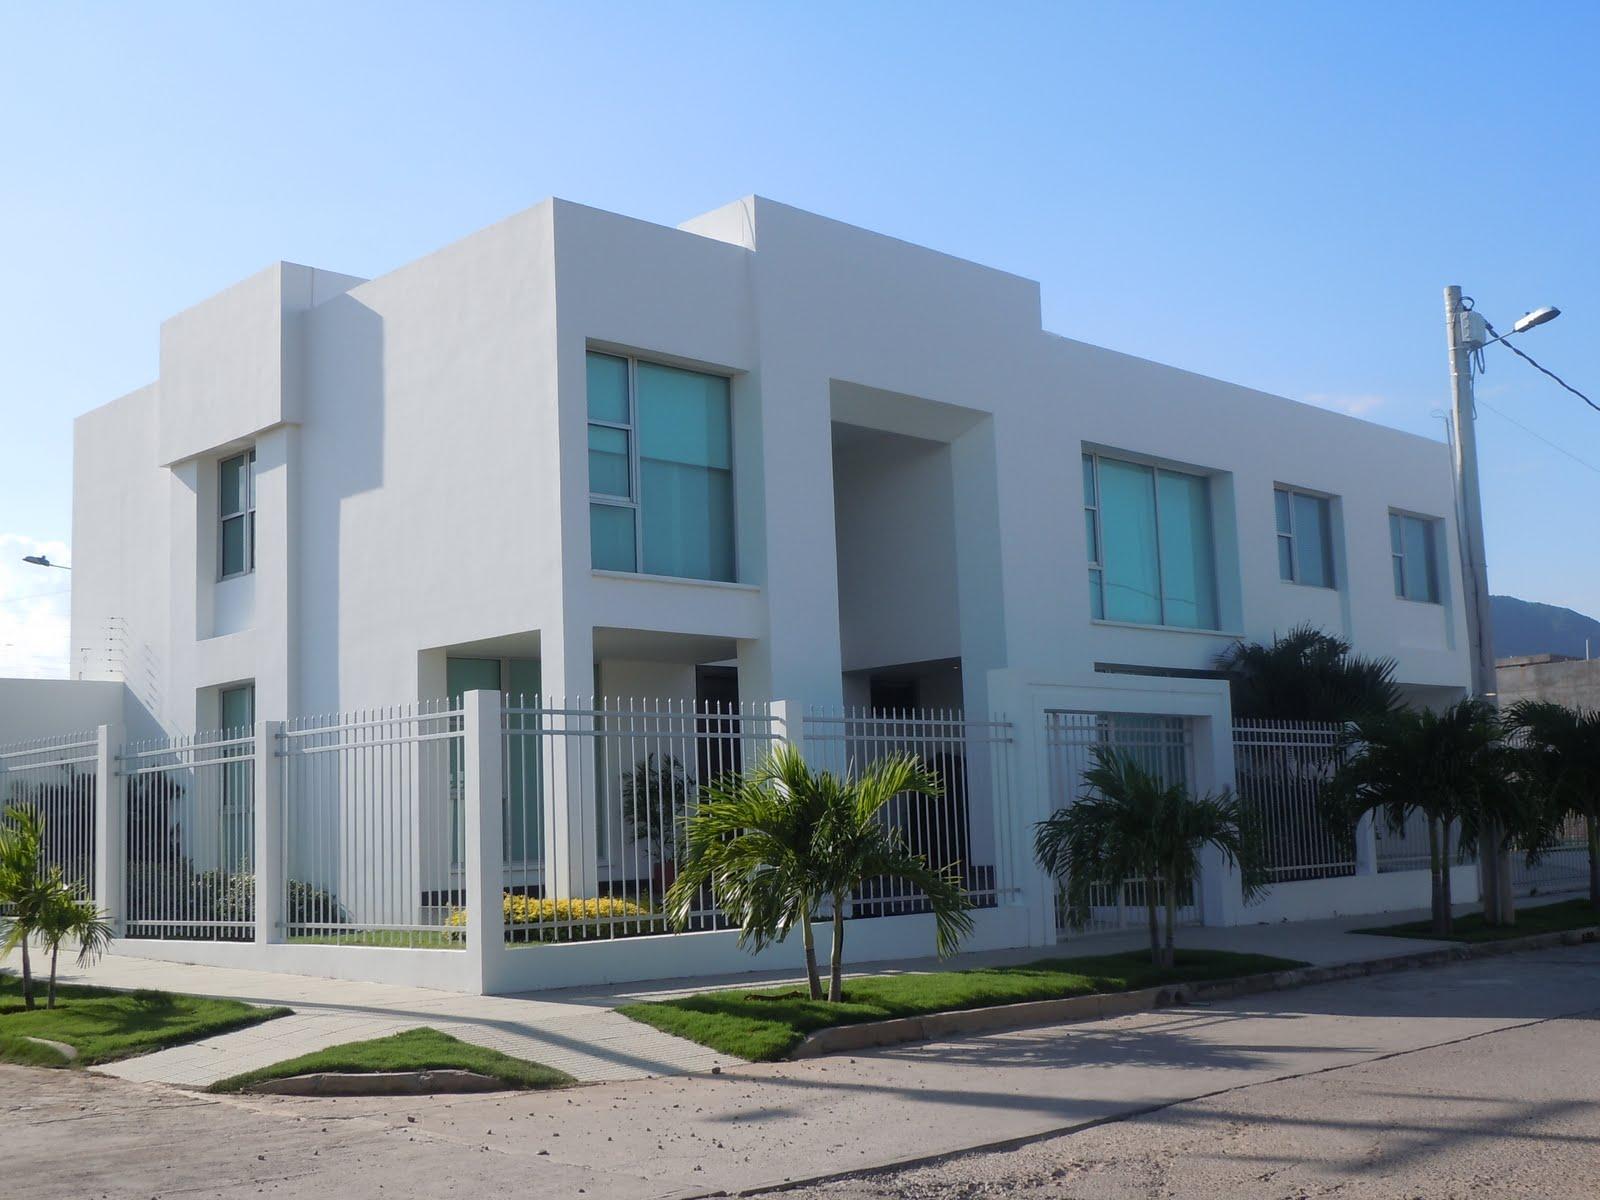 Jorgearregocesarquitecto vivienda moderna 1 - Viviendas unifamiliares modernas ...